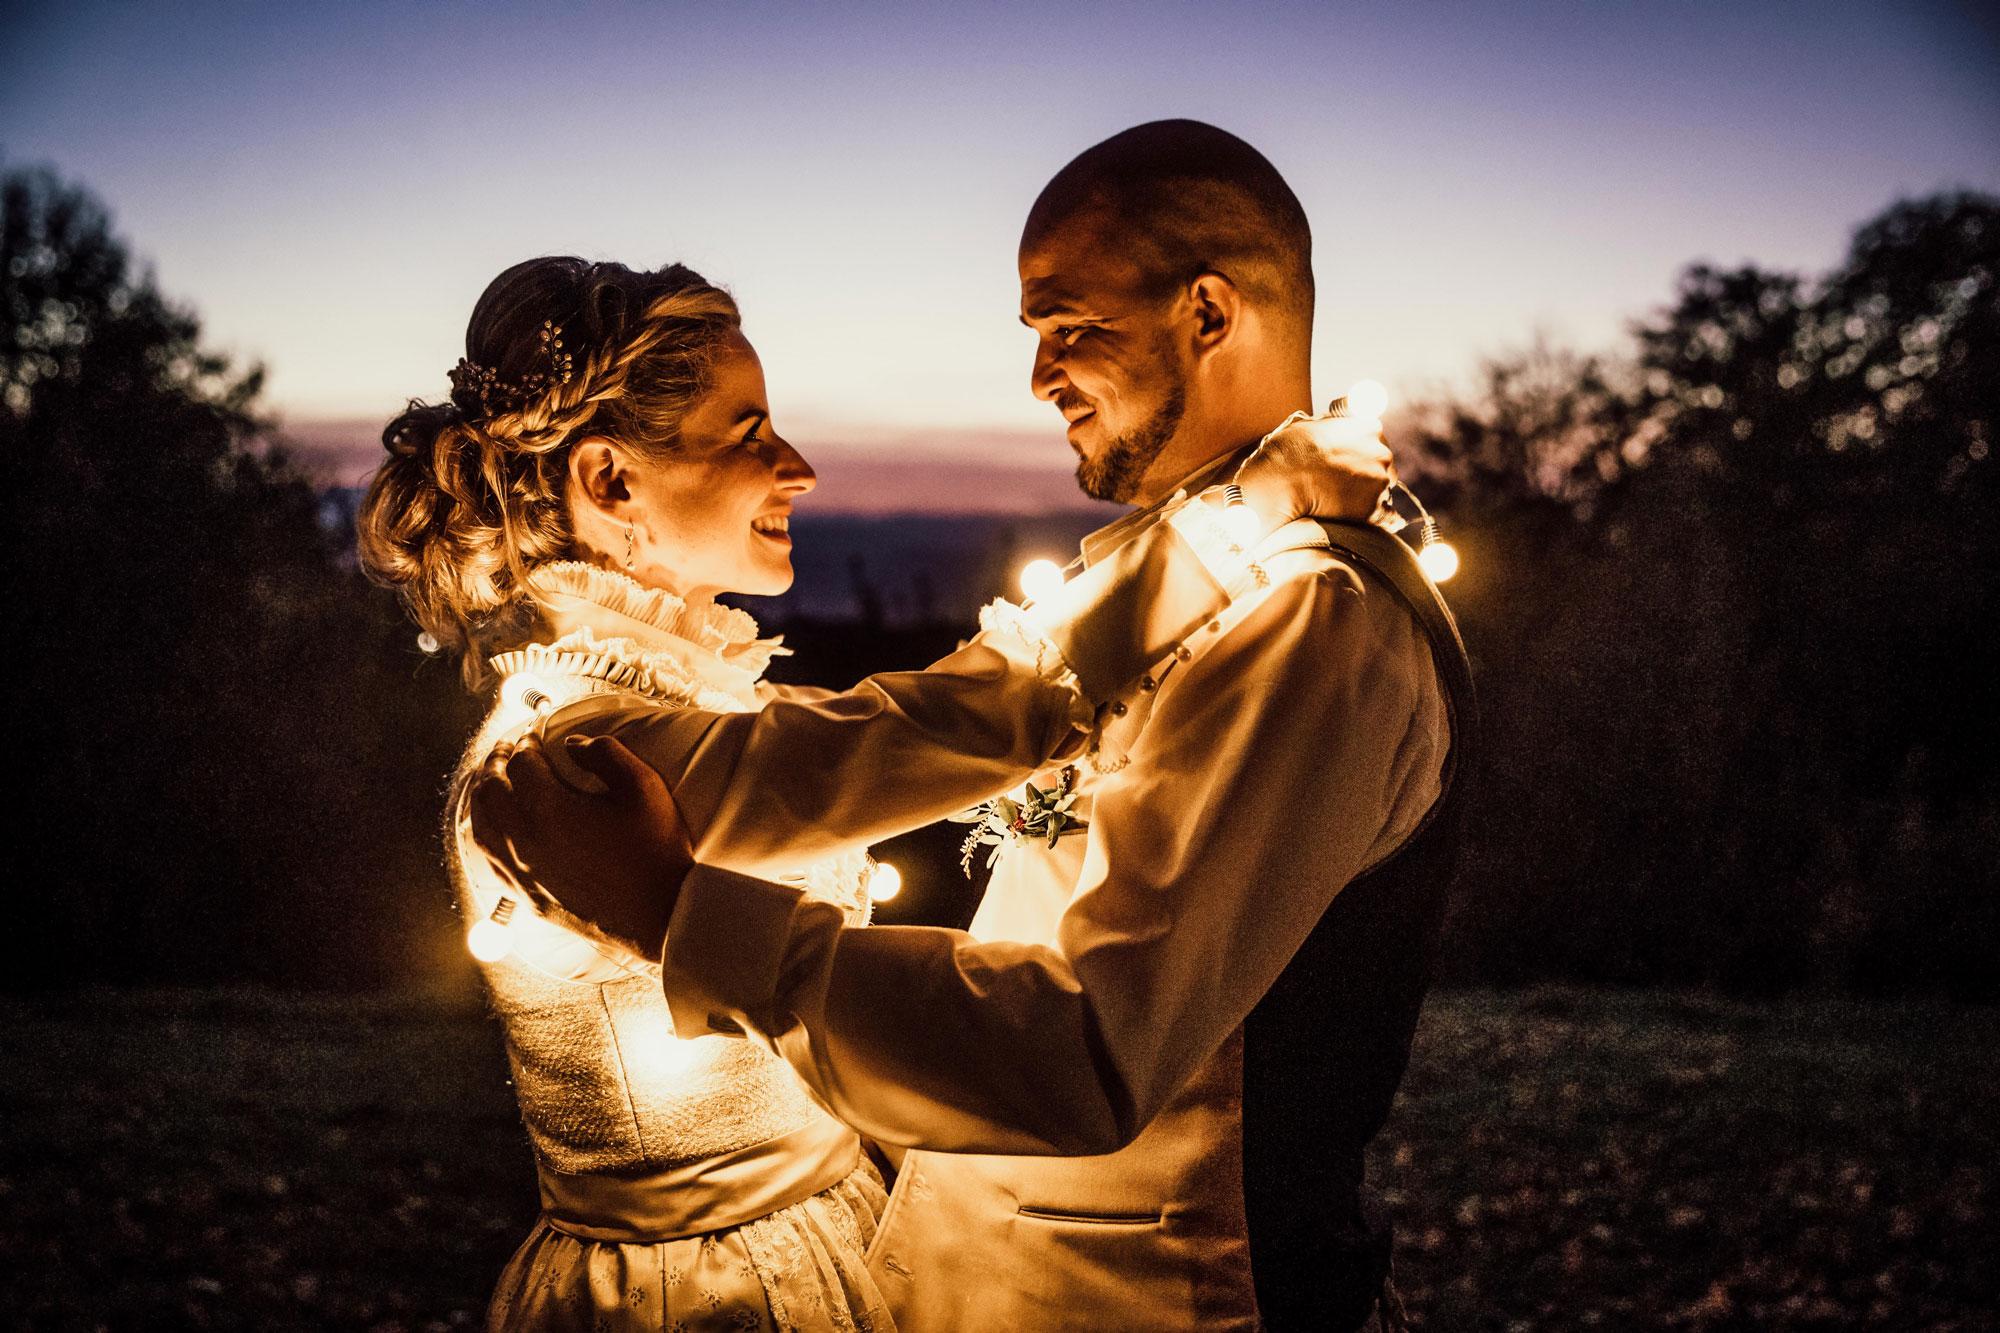 Hochzeitsfoto in der Nacht